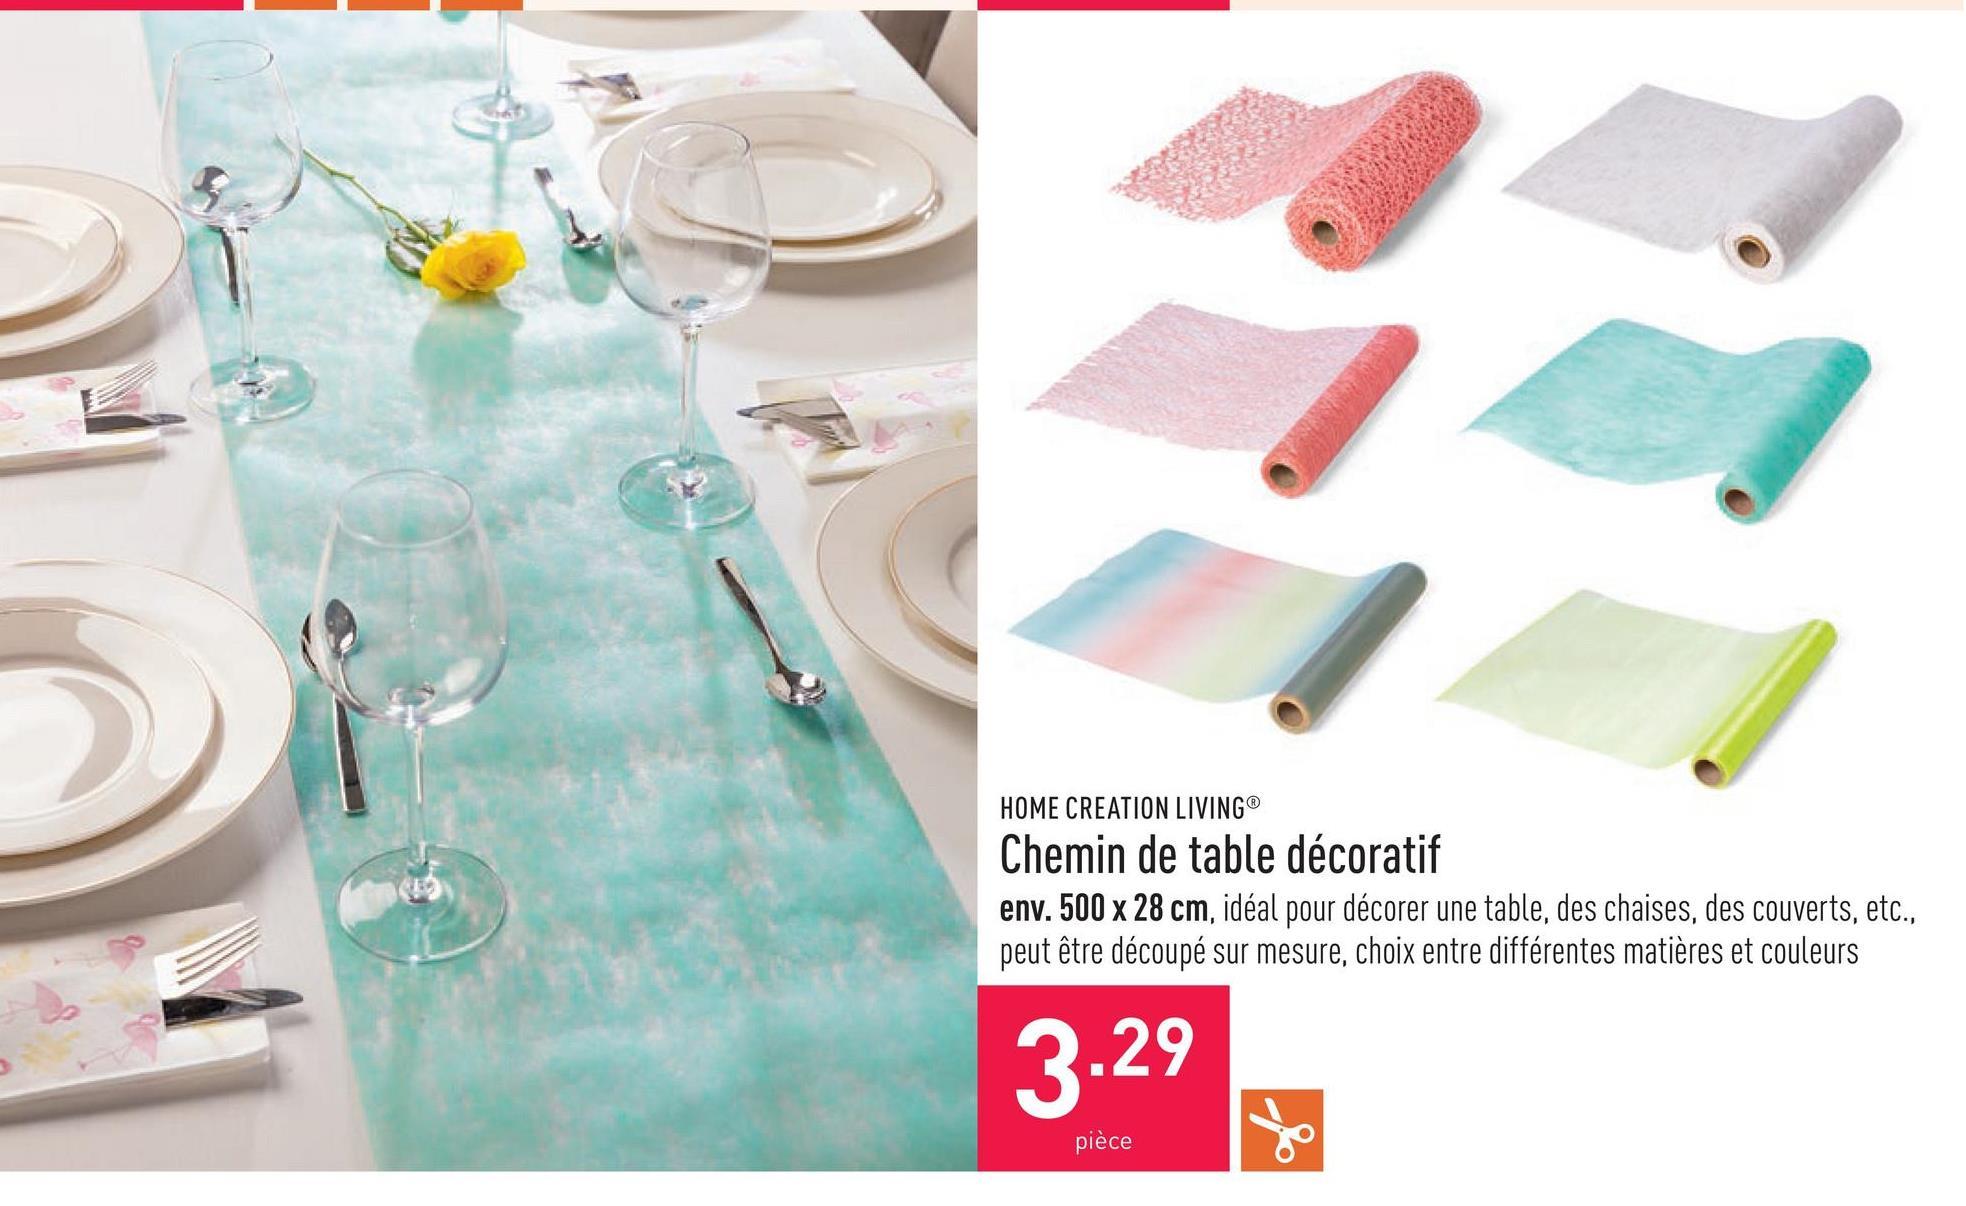 Chemin de table décoratif env. 500 x 28 cm, idéal pour décorer une table, des chaises, des couverts, etc., peut être découpé sur mesure, choix entre différentes matières et couleurs